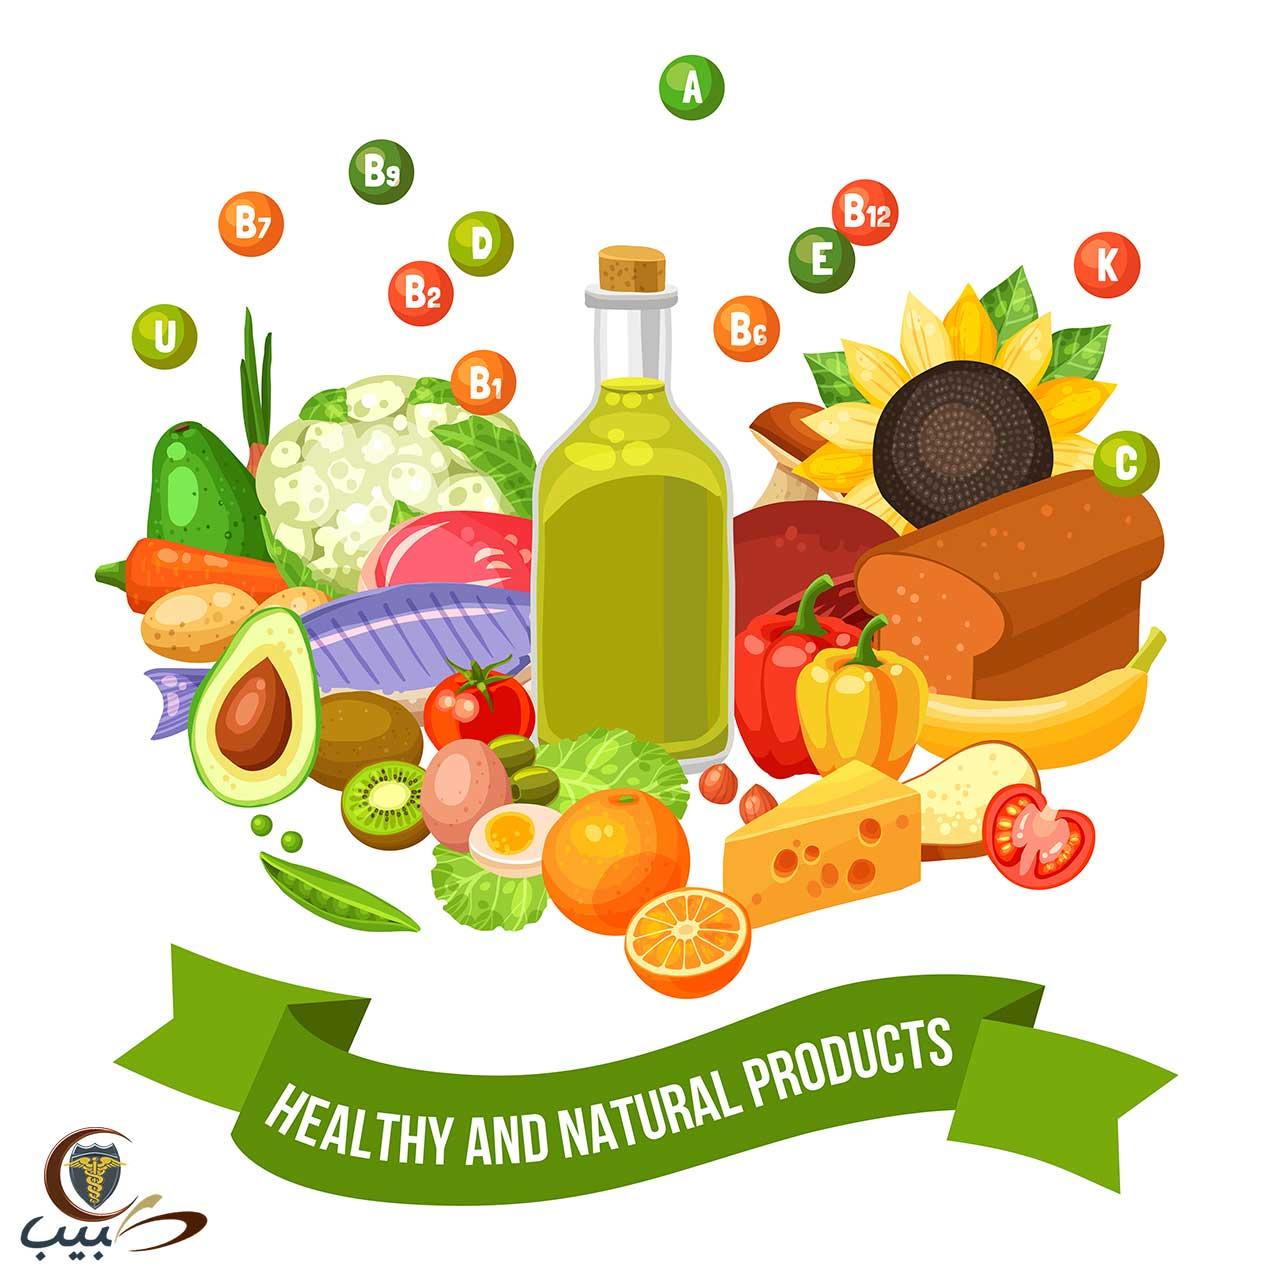 نصائح للحصول على أكبر كمية من الفيتامينات في الطعام